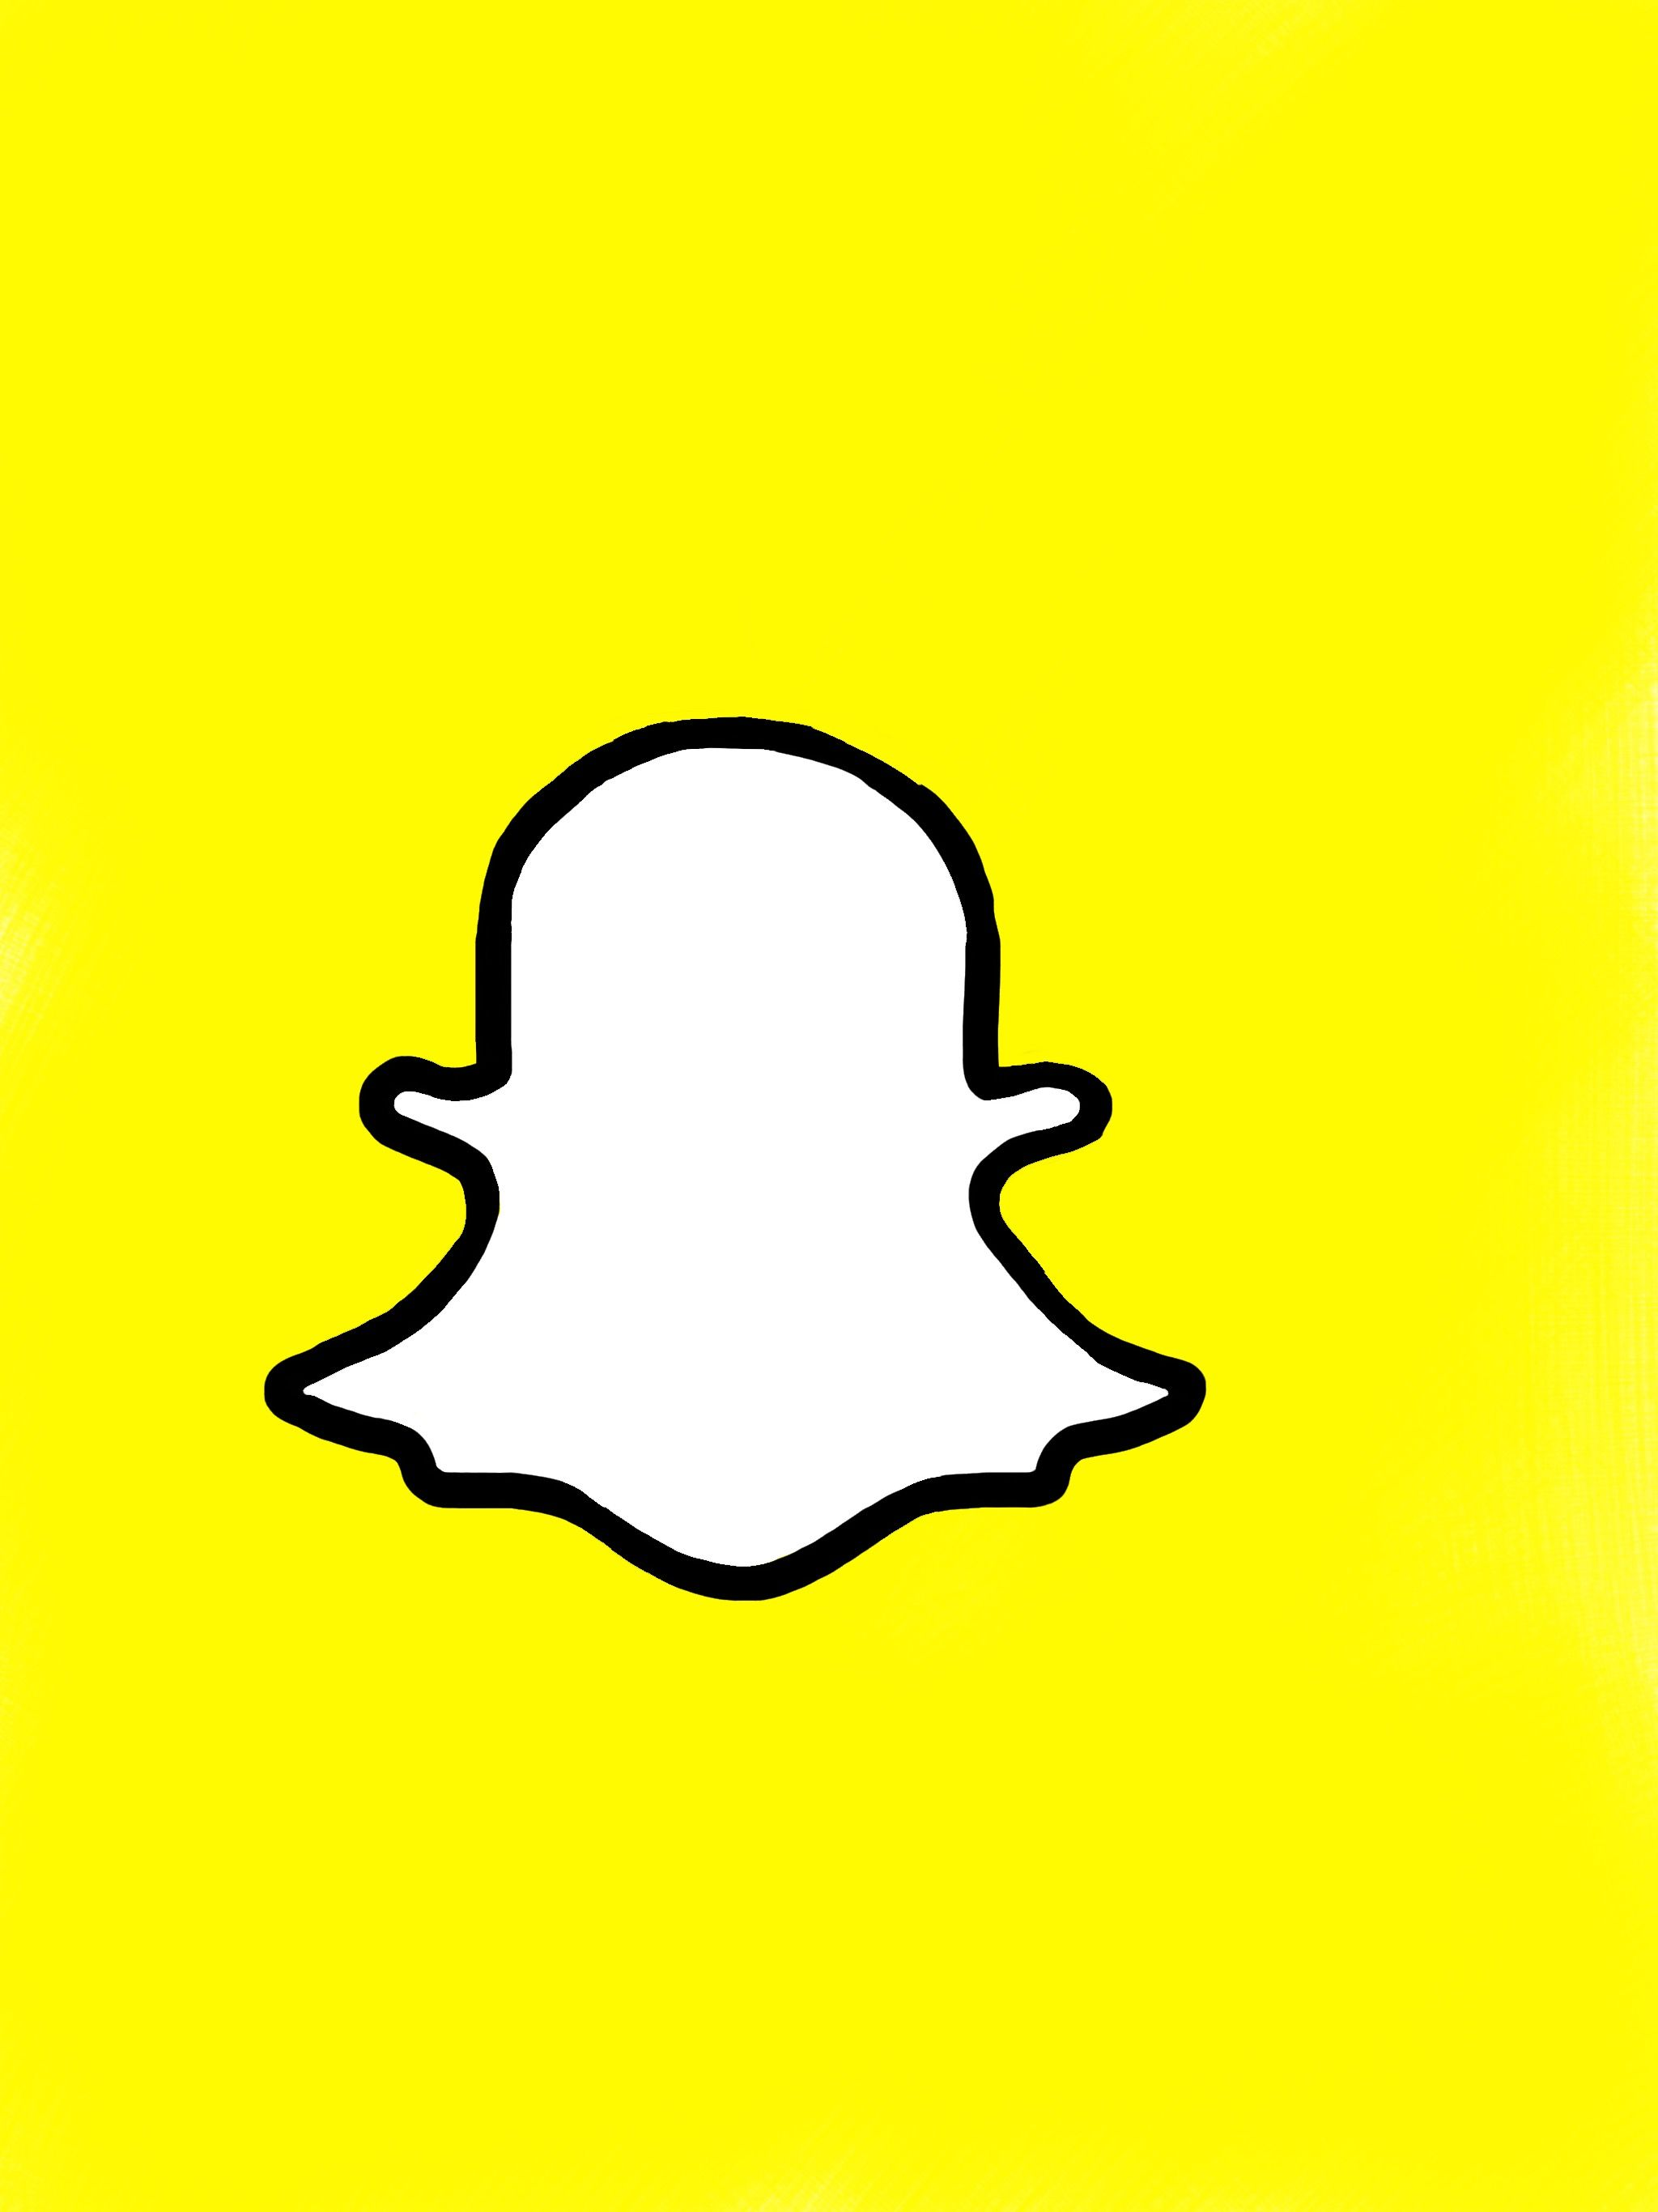 2048x2732 snapchat logo image drawings snapchat logo, logo images